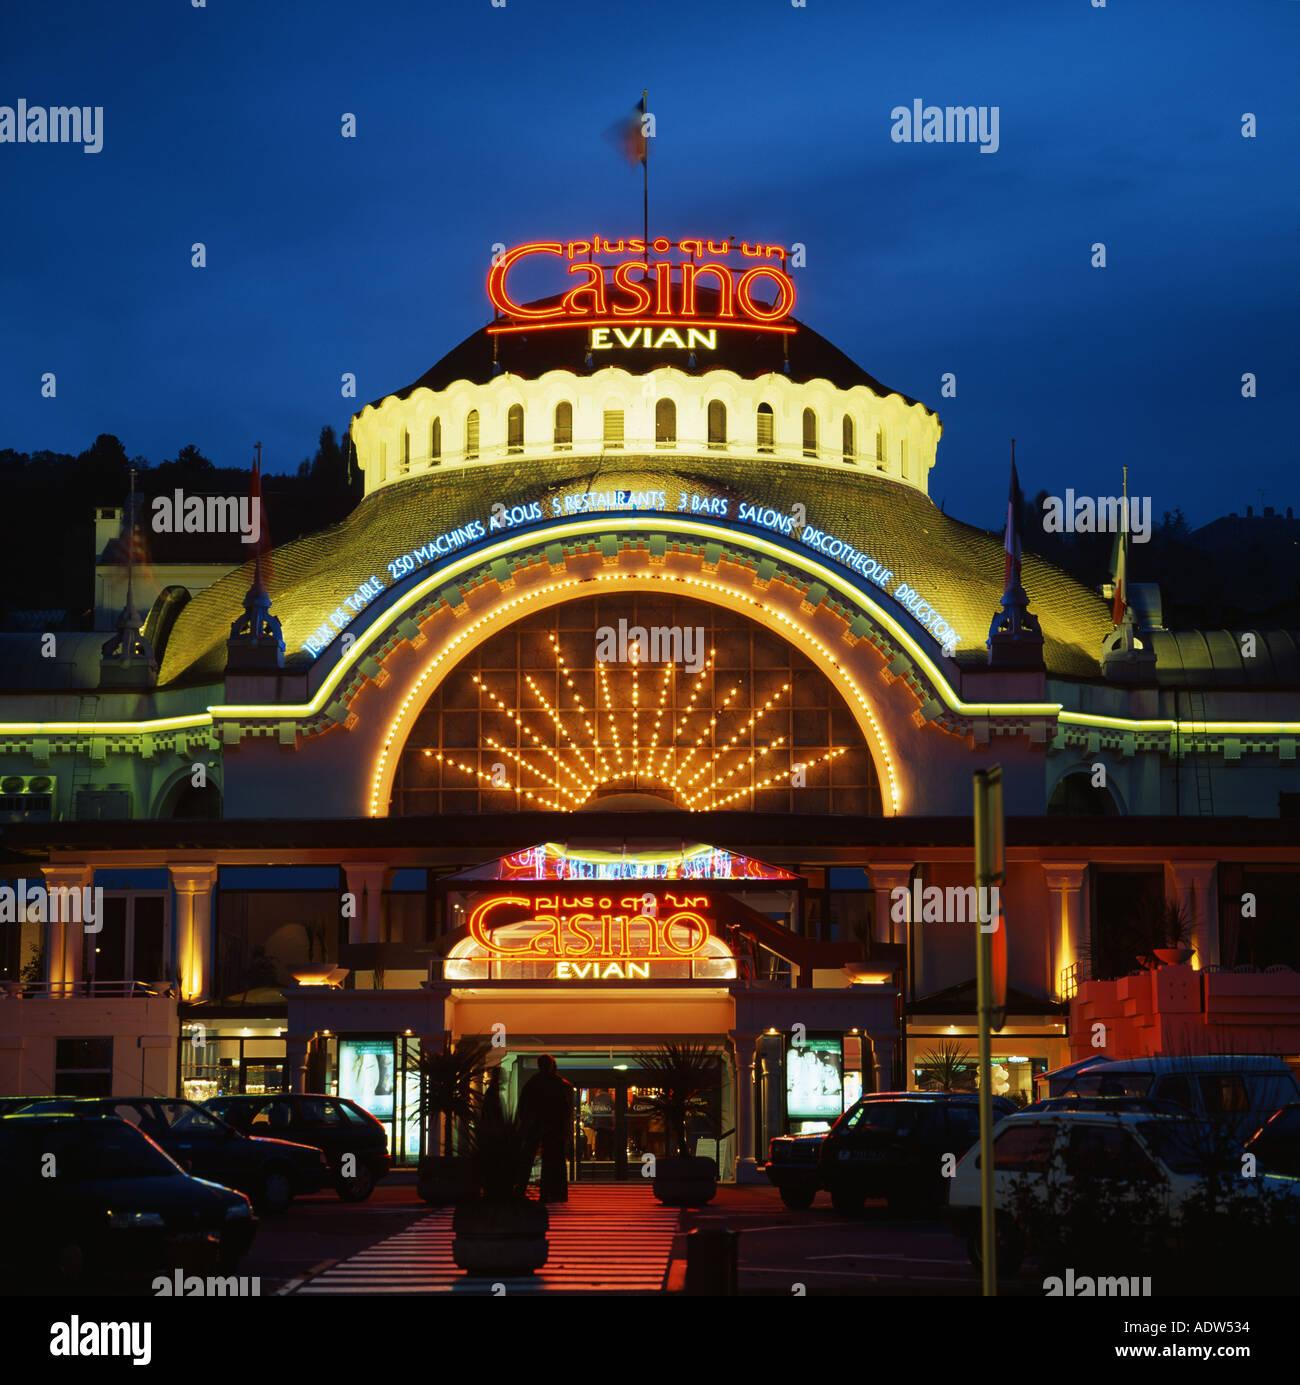 Adw casino mississippi coast casinos